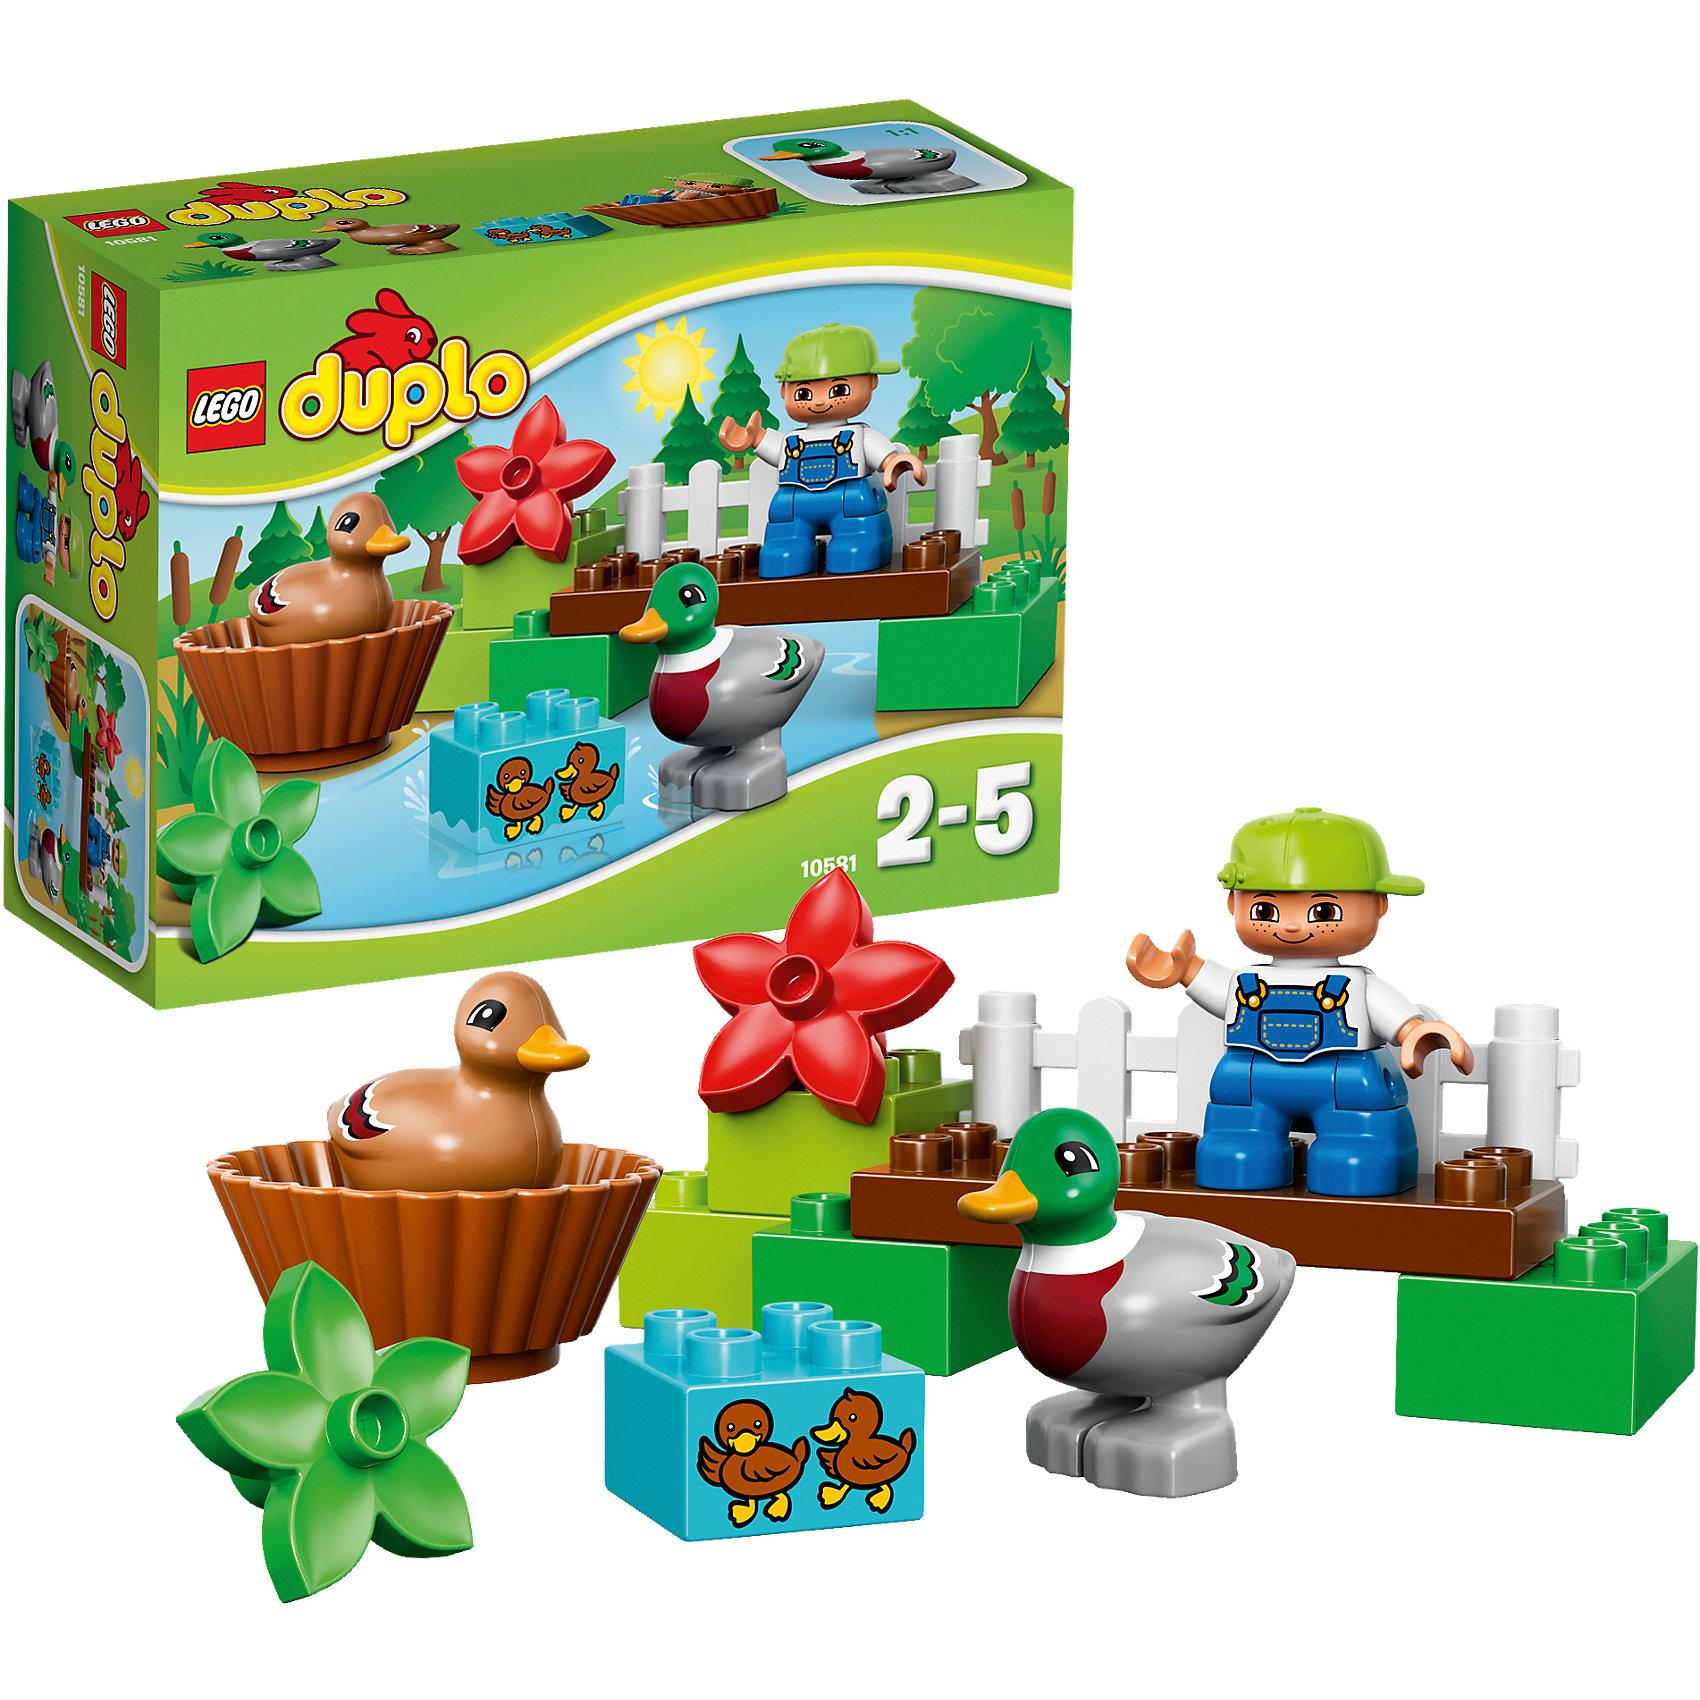 LEGO DUPLO 10581: Уточки в лесуЗамечательная новинка от LEGO DUPLO (ЛЕГО Дупло) 10581: Уточки в лесу! Представьте прекрасное озеро на котором поселилась замечательная утиная семья. Покажите малышу, как построить на полянке мостик по которому уточки смогут ходить на прогулку. Украсьте полянку цветочками. Малышам особенно понравится строить гнездо для утят. Они совсем маленькие и еще не могут гулять одни. Строя пирамидки, мостики и просто соединяя детали между собой ребёнок в увлекательной игровой форме тренирует мелкую моторику и координацию. Создайте милые и увлекательные сюжеты с набором LEGO DUPLO (ЛЕГО Дупло) 10581: Уточки в лесу!  <br><br>Конструкторы LEGO DUPLO (ЛЕГО ДУПЛО) созданы специально для детей дошкольного возраста. Они сочетают увлекательную игру и обучение, а также развивают мелкую моторику, пространственное мышление и творческие способности малышей. Кубики LEGO DUPLO (ЛЕГО ДУПЛО) в 8 раз больше, чем обычные, что позволяет ребенку удобно держать их ручками и быстро строить. Большое количество дополнительных элементов делает игровые сюжеты по-настоящему захватывающими и реалистичными. Все наборы LEGO DUPLO (ЛЕГО ДУПЛО) соответствуют самым высоким европейским стандартам качества и абсолютно безопасны. <br><br>Дополнительная информация:<br><br>- Конструкторы LEGO (ЛЕГО) отлично развивают моторику, мышление и фантазию Вашего ребенка;<br>- В комплекте: минифигурка мальчика, деревянный мостик, белая изгородь, цветы, гнездо, кирпичик с изображением двух утят, мама-уточка и папа-селезень;<br>- Количество деталей: 13 шт;<br>- Идеальный первый конструктор;<br>- Серия: LEGO DUPLO (ЛЕГО Дупло);<br>- Материал: безопасный пластик;<br>- Размер упаковки: 19 x 14 x 7 см;<br>-Вес: 300 г<br><br>Конструктор LEGO DUPLO (ЛЕГО Дупло) 10581: Уточки в лесу можно купить в нашем магазине.<br><br>Ширина мм: 199<br>Глубина мм: 144<br>Высота мм: 73<br>Вес г: 168<br>Возраст от месяцев: 24<br>Возраст до месяцев: 60<br>Пол: Унисекс<br>Возраст: Детский<br>SKU: 3786183